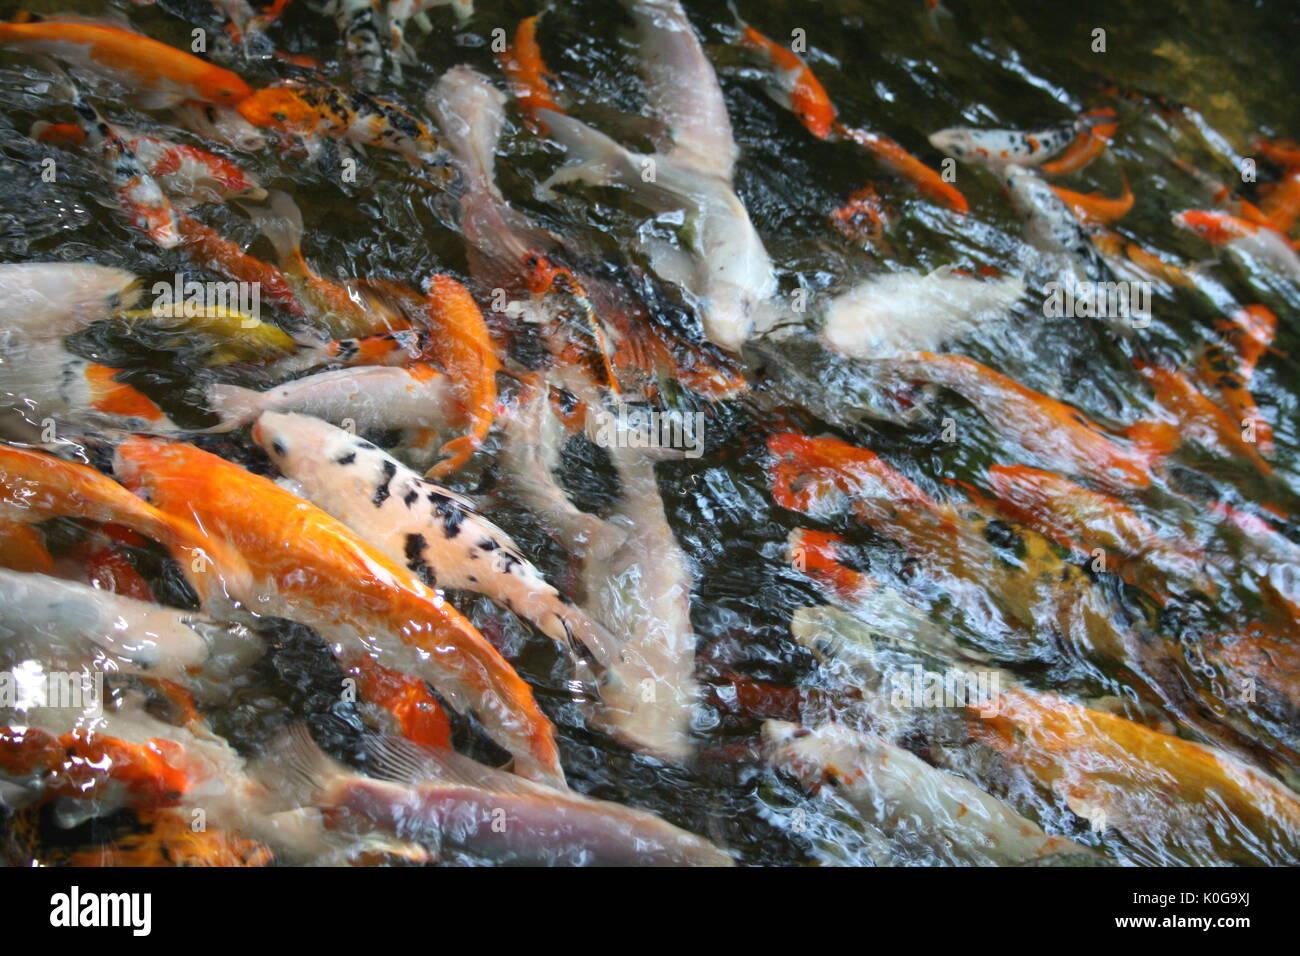 Amur carp stock photos amur carp stock images alamy for Playing koi